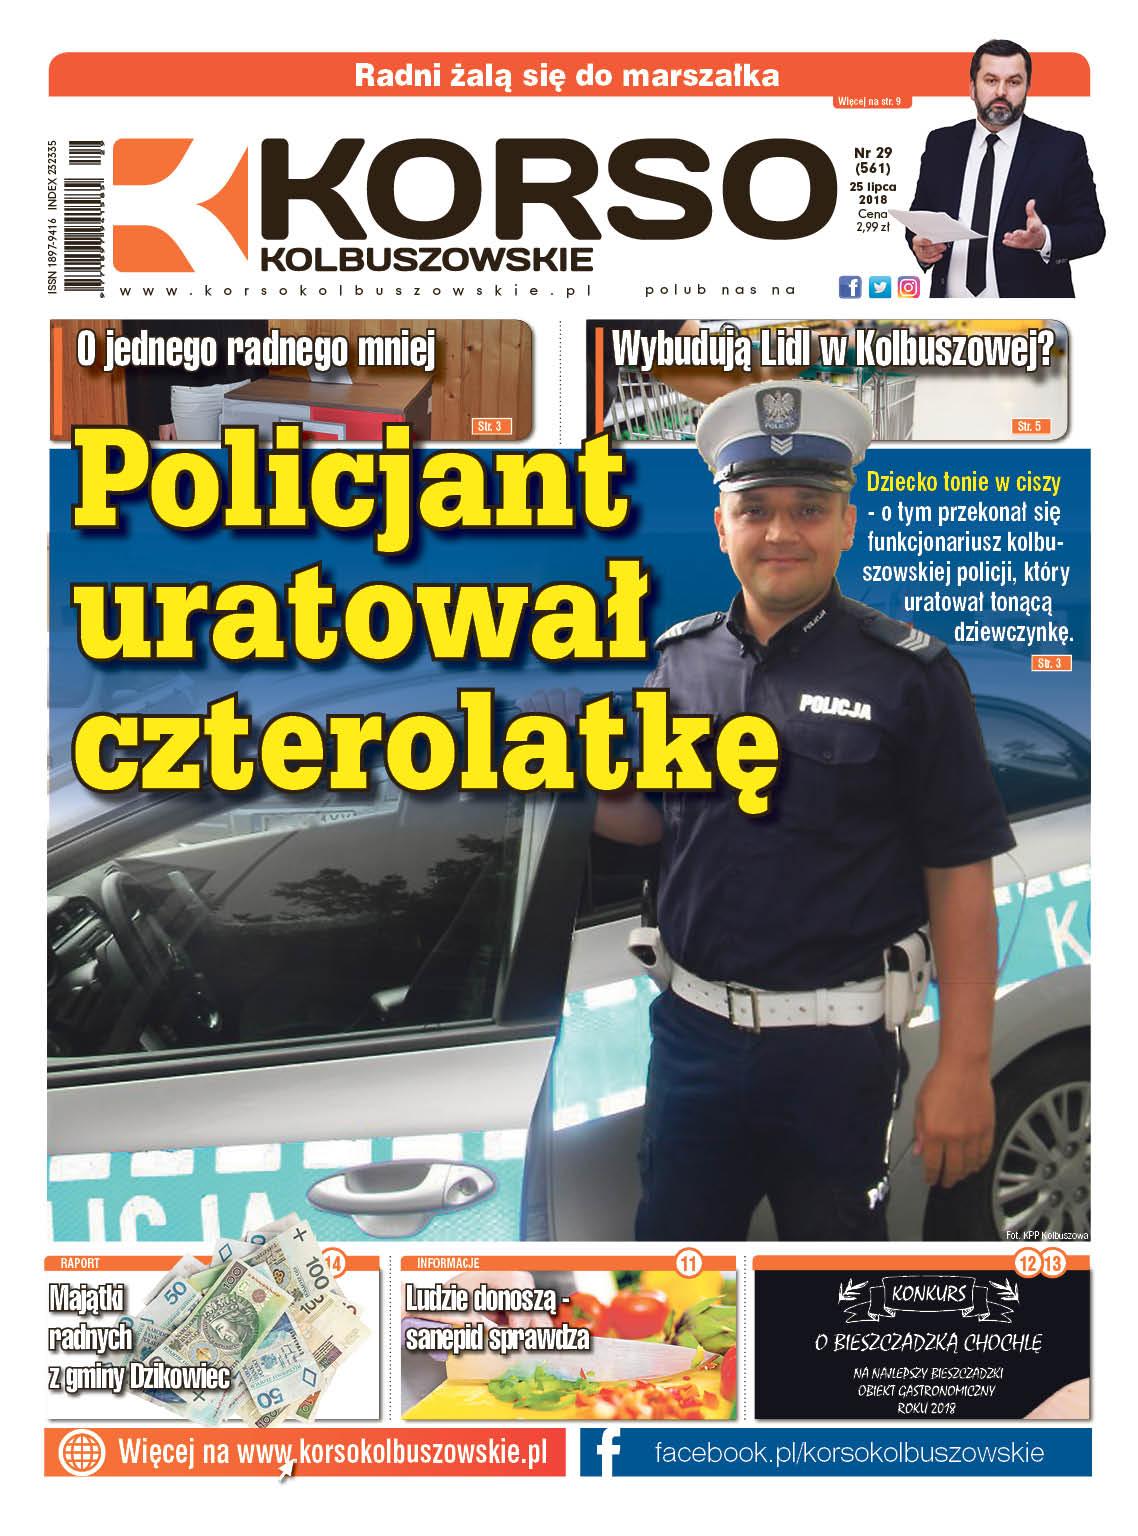 Korso Kolbuszowskie - nr 29/2018 - Zdjęcie główne